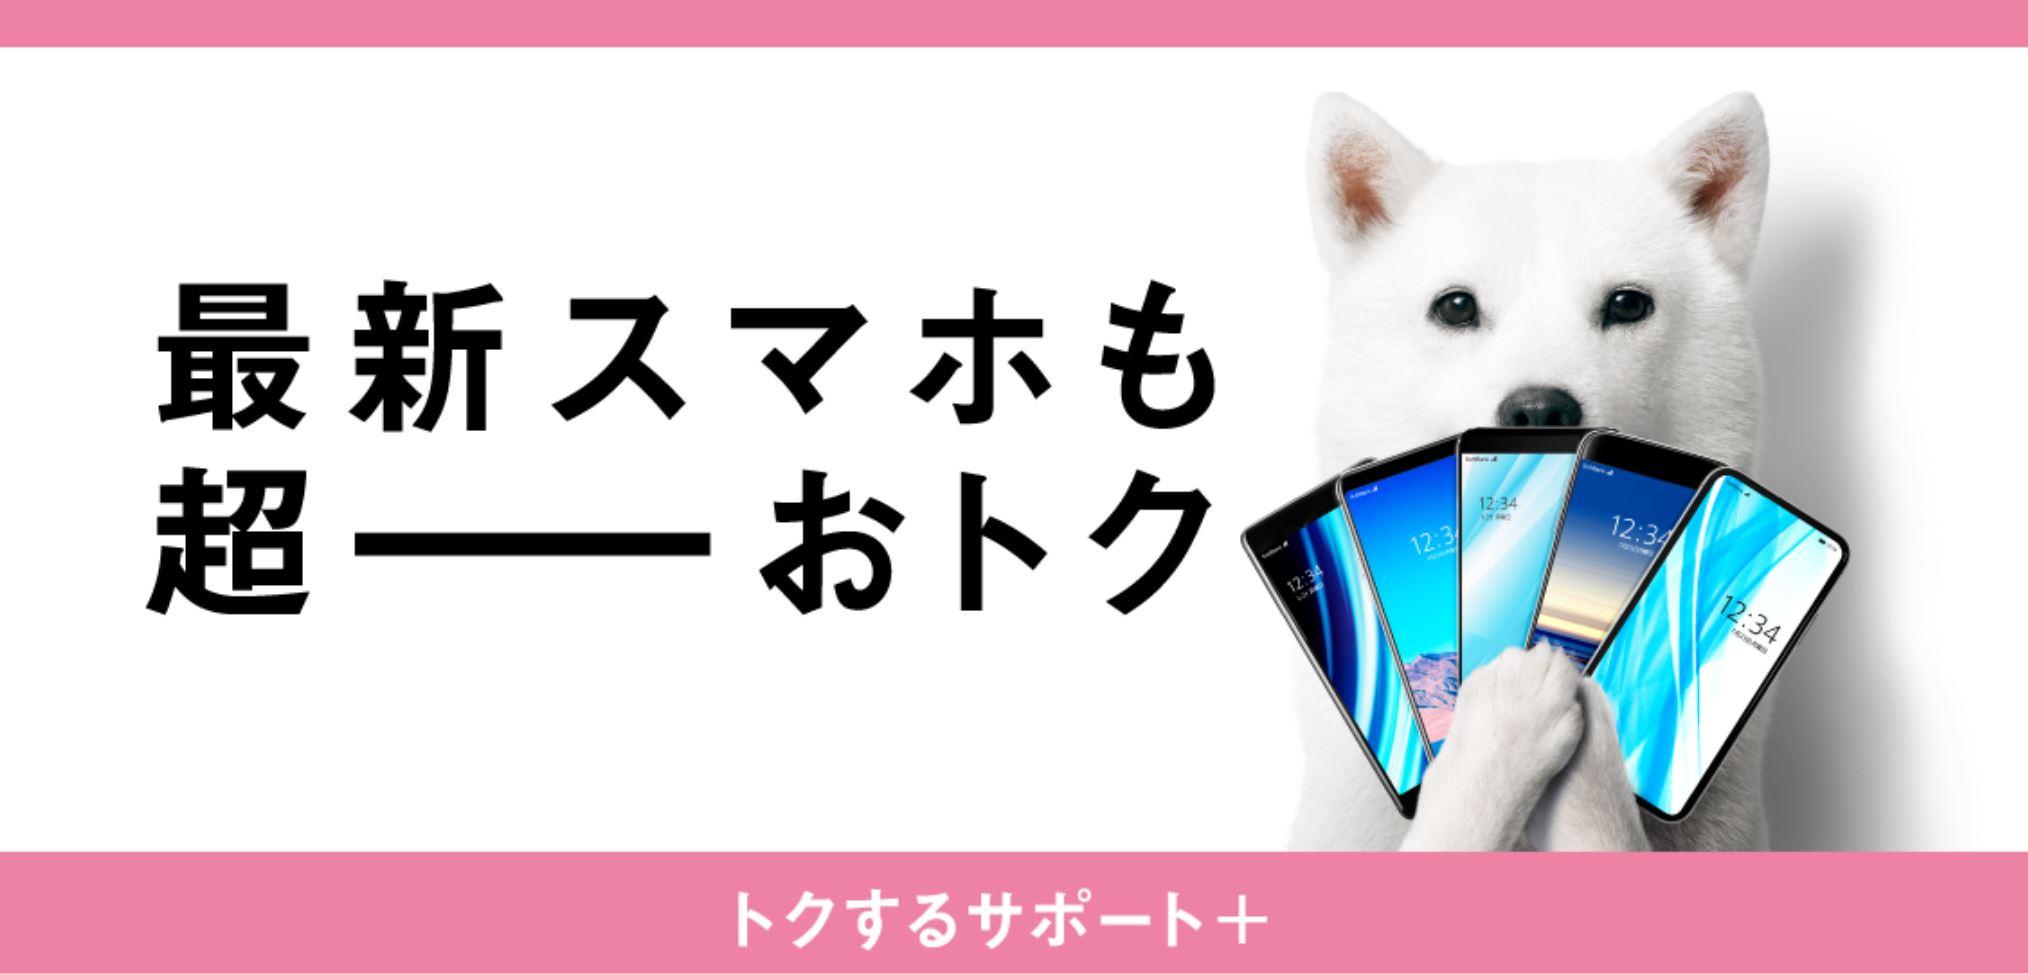 SoftBank_スマホ_トクするサポート